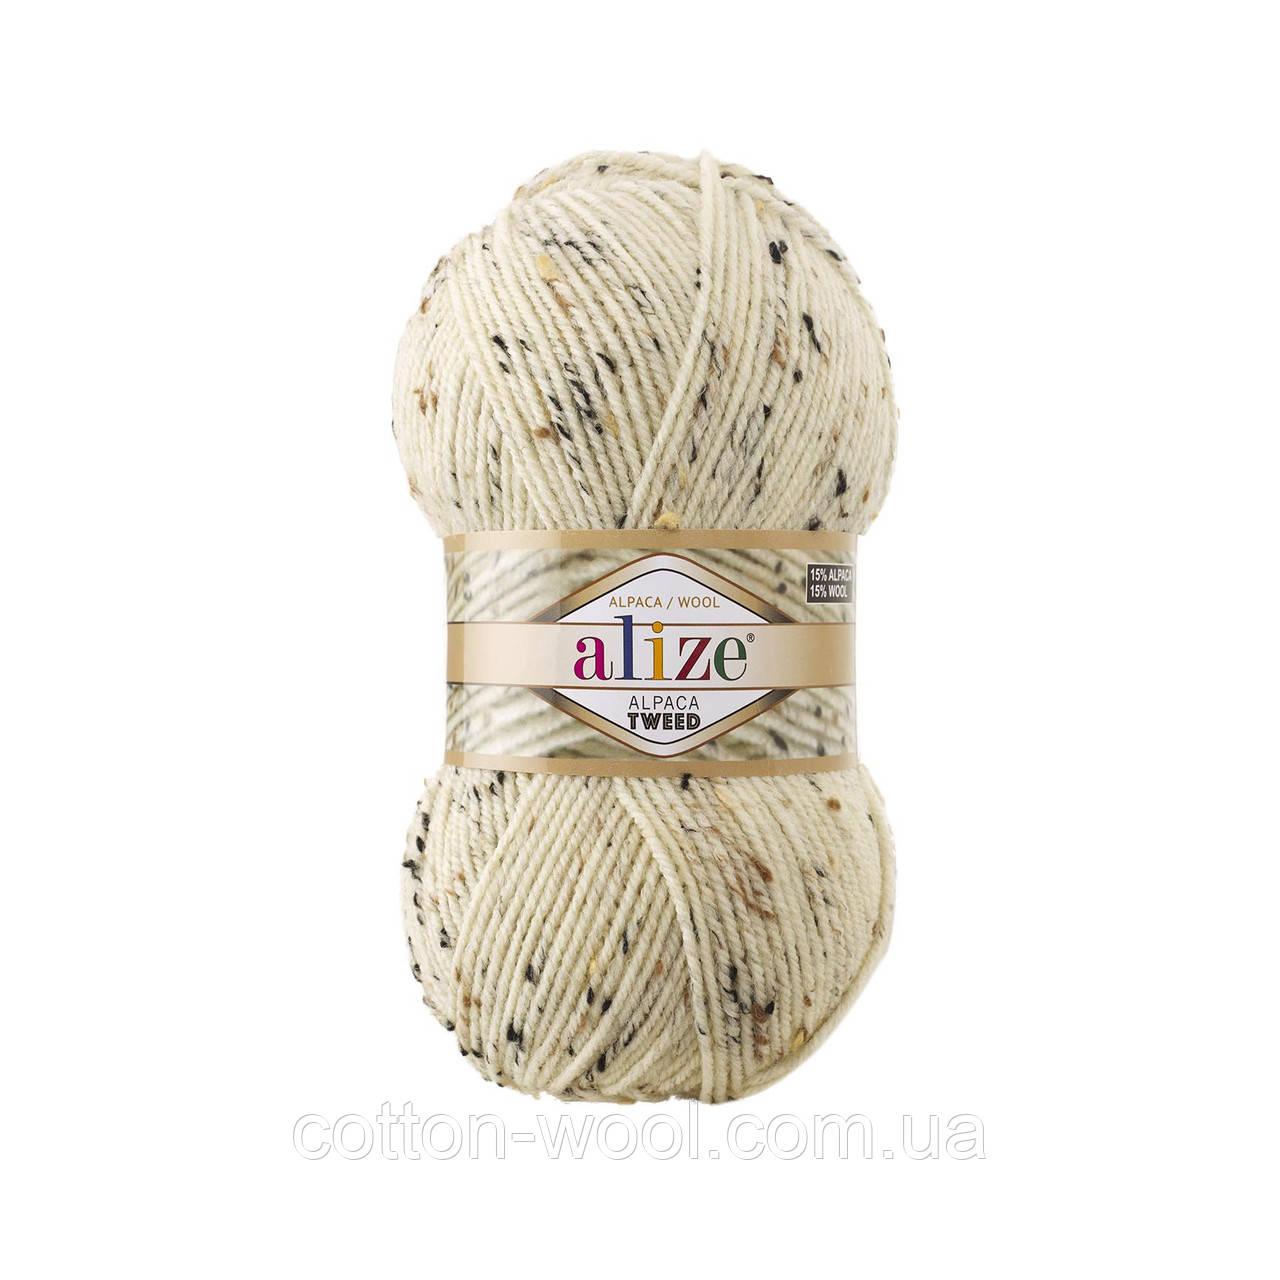 Alpaca Tweed (Альпака Твід) (15% - вовна, 15% - альпака, 5% - віскоза, 65% - акріл) 01